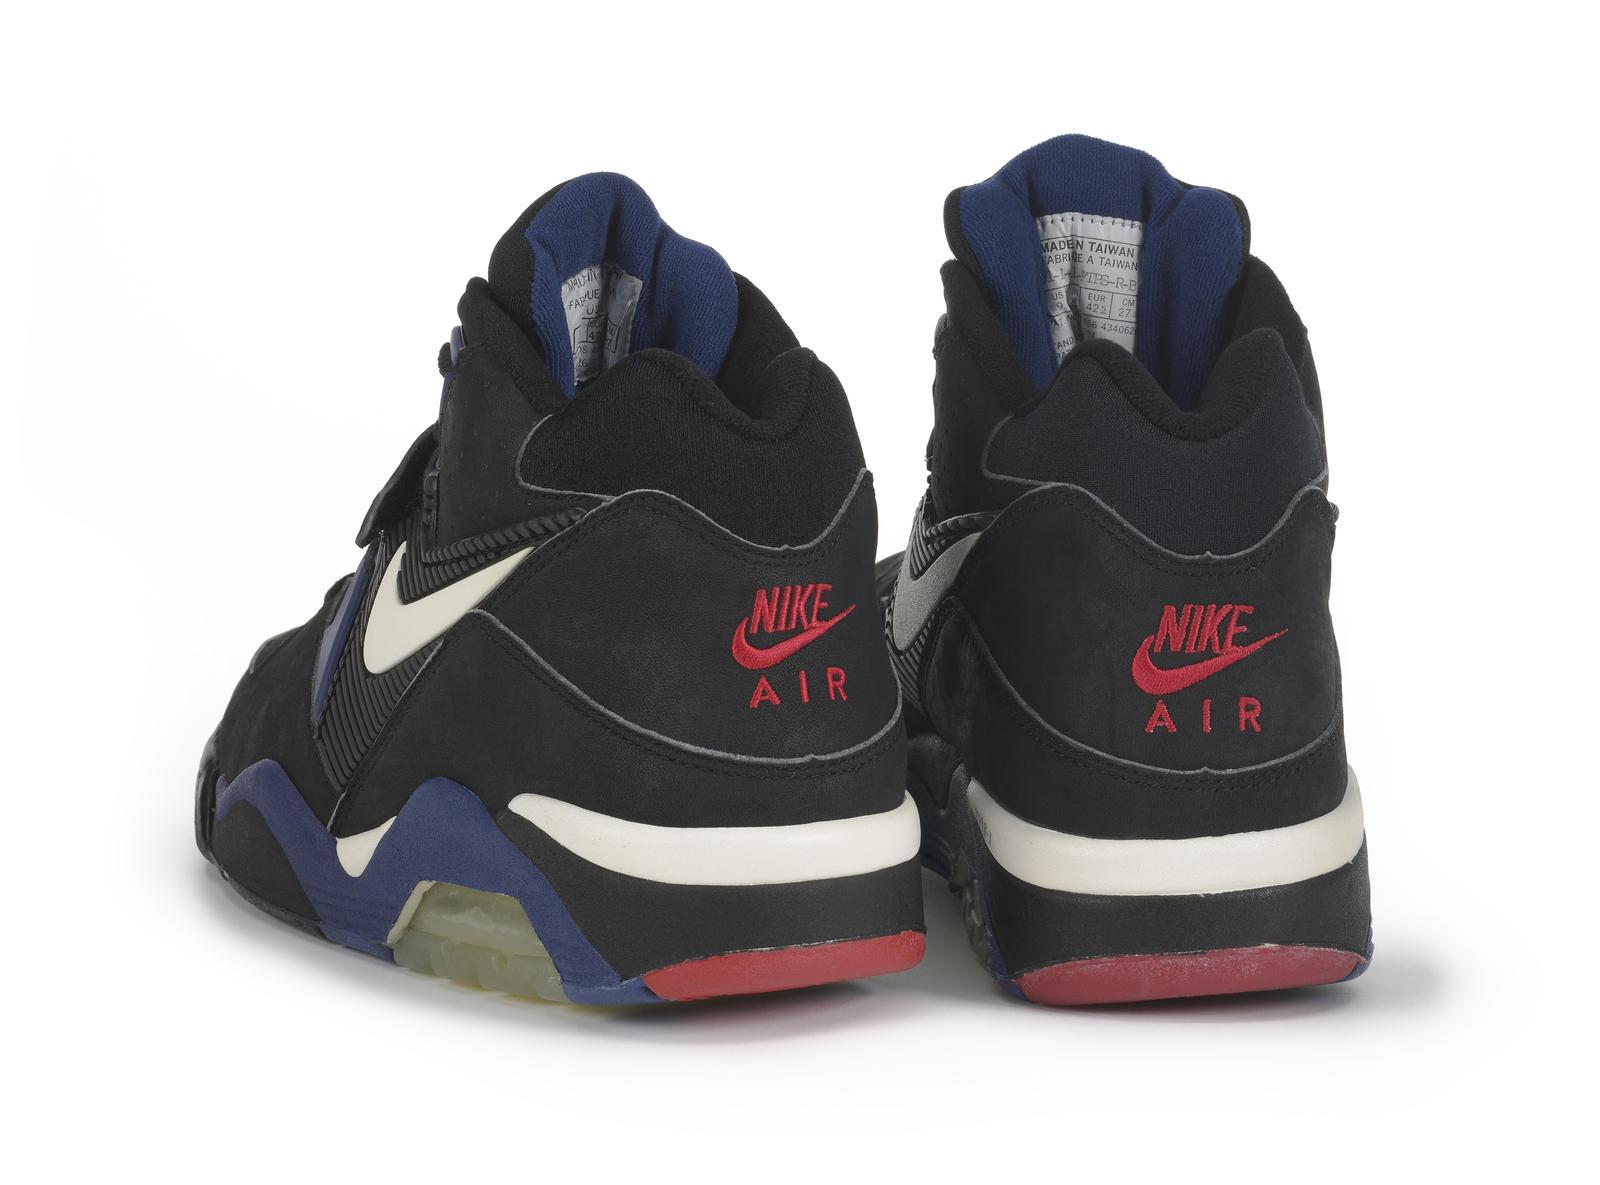 Air Max Charles Barkley 94 charles barkley 94 shoes Royal Ontario